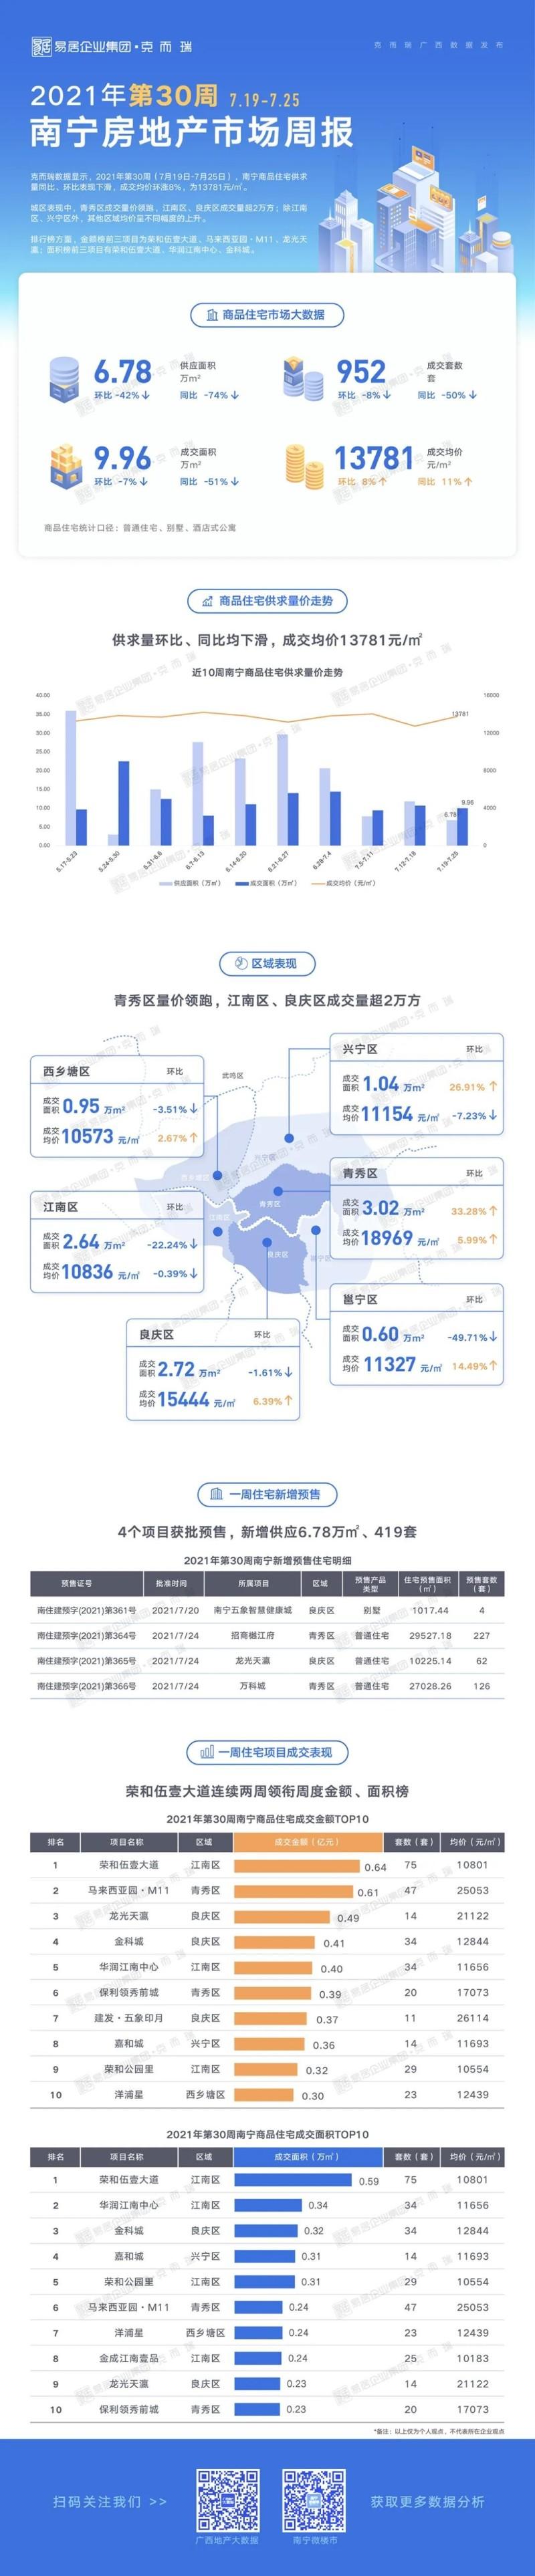 南宁楼市成交量跌价涨,最新房价13781元/㎡上涨8%